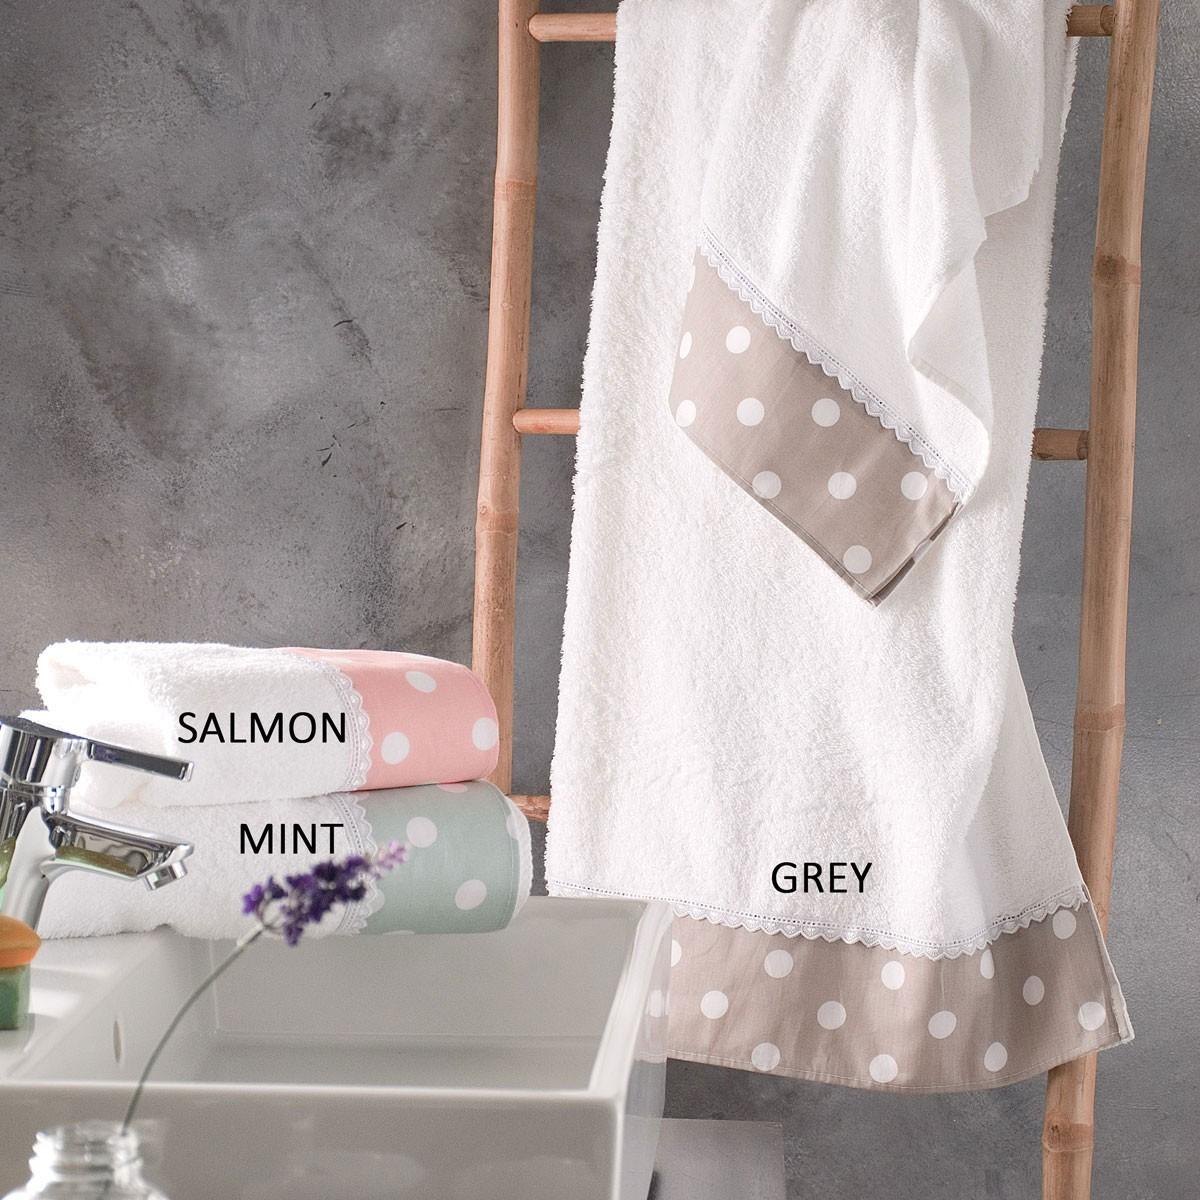 Πετσέτες Μπάνιου (Σετ 2τμχ) Rythmos Bathroom Soft home   παιδικά   πετσέτες παιδικές